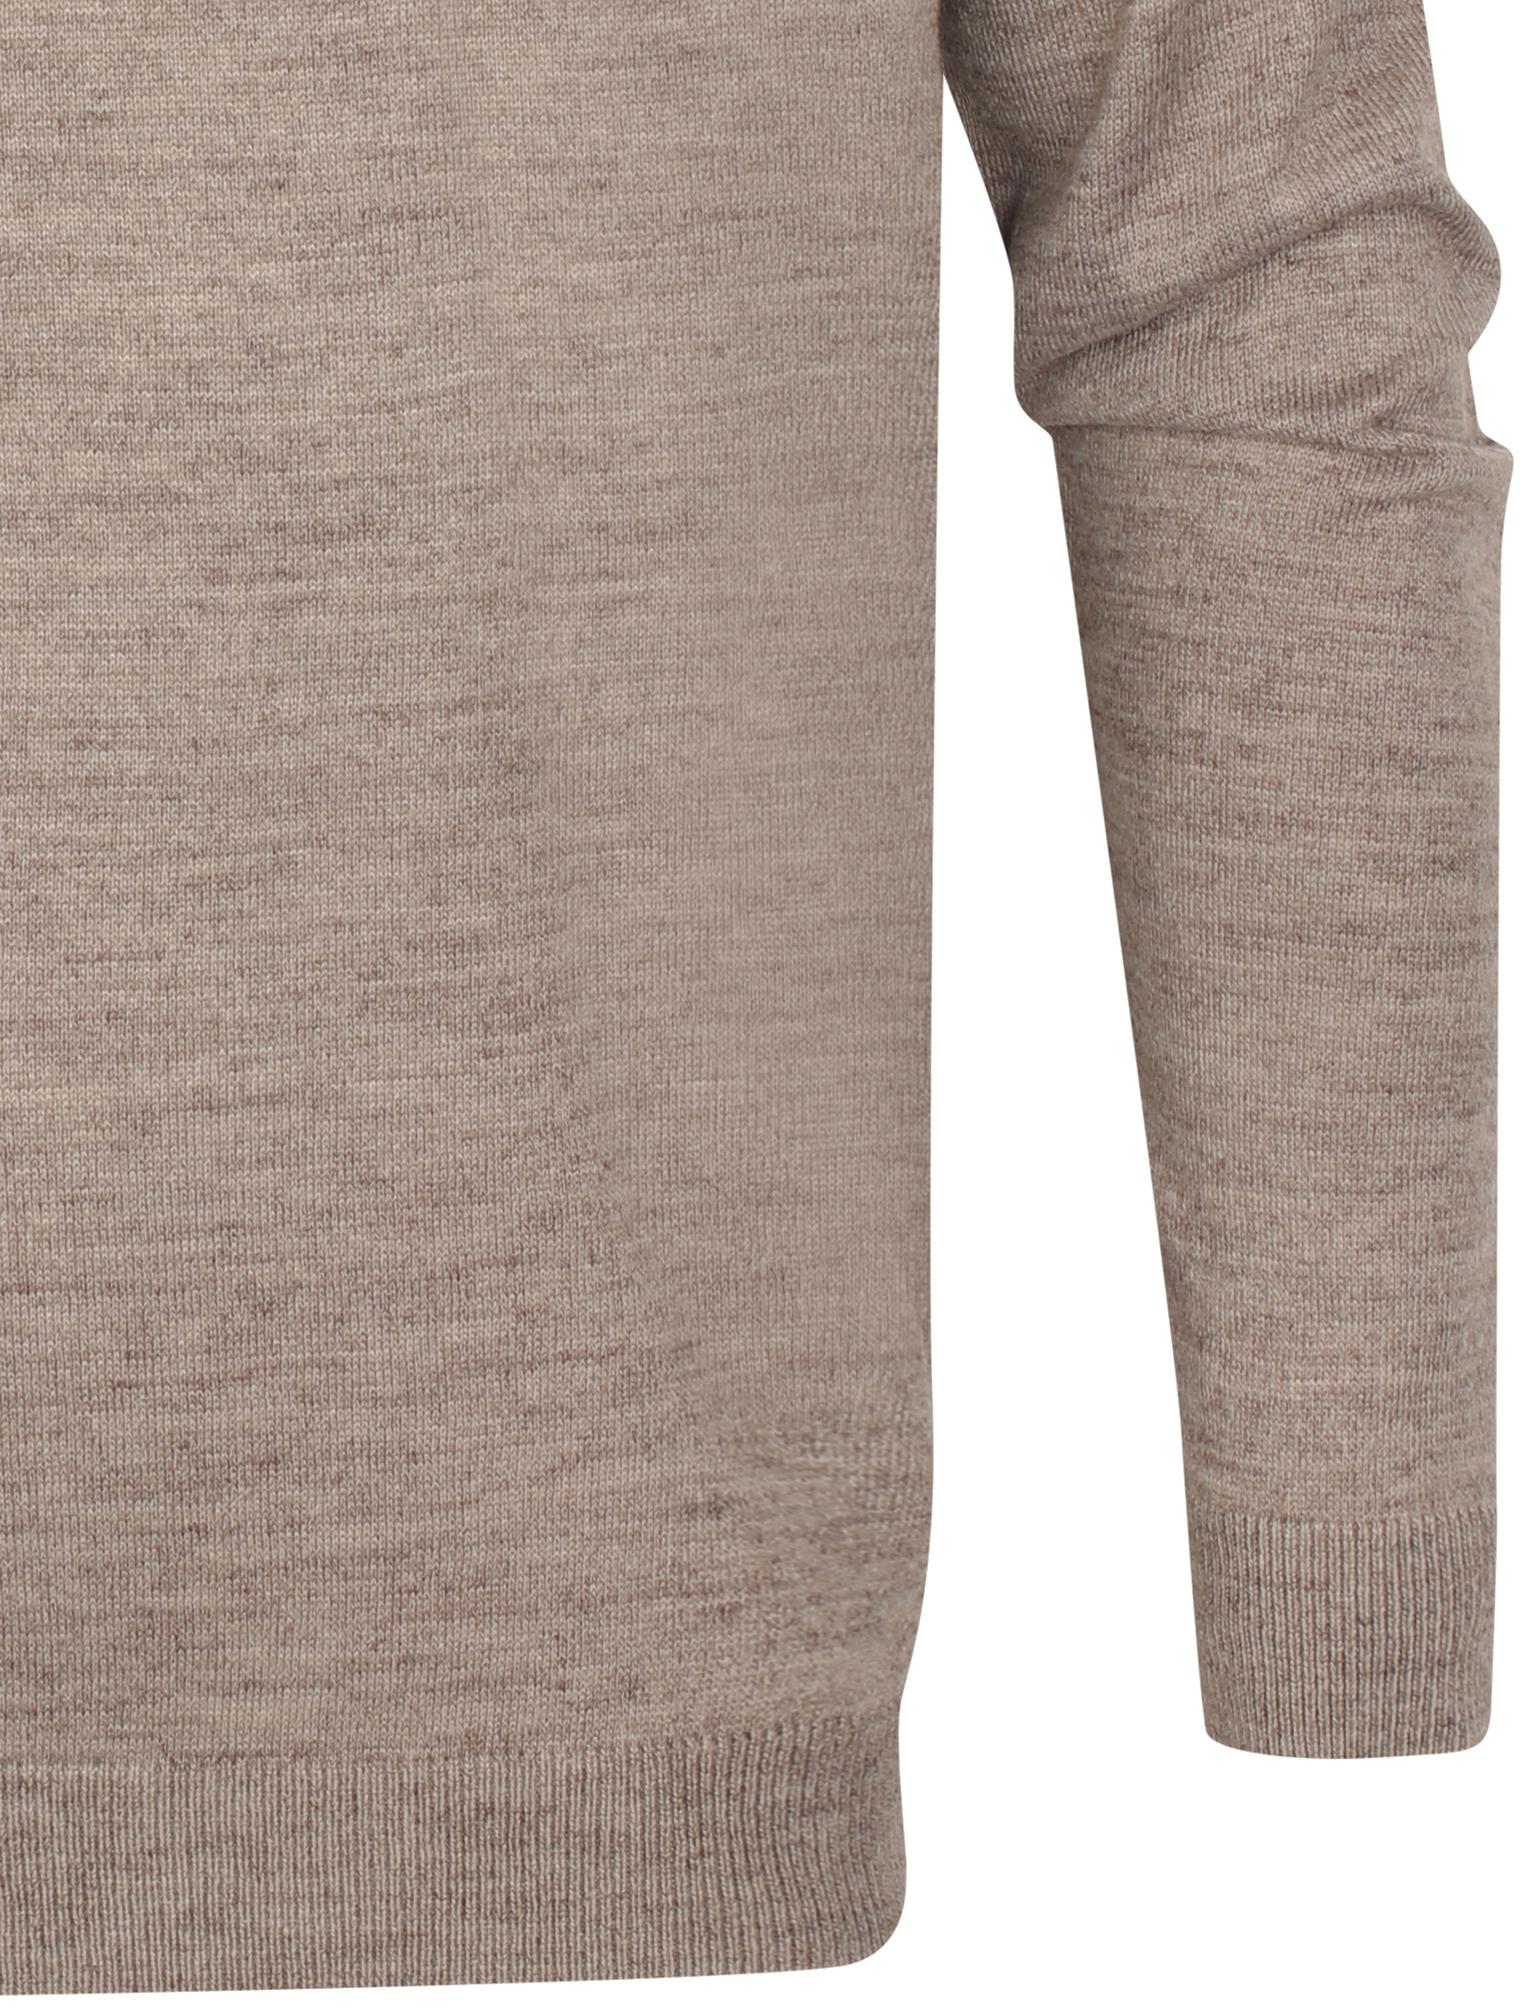 Kensington-Eastside-Men-039-s-Knitted-Crew-or-V-Neck-Jumper-Sweater-Top-Pullover thumbnail 17